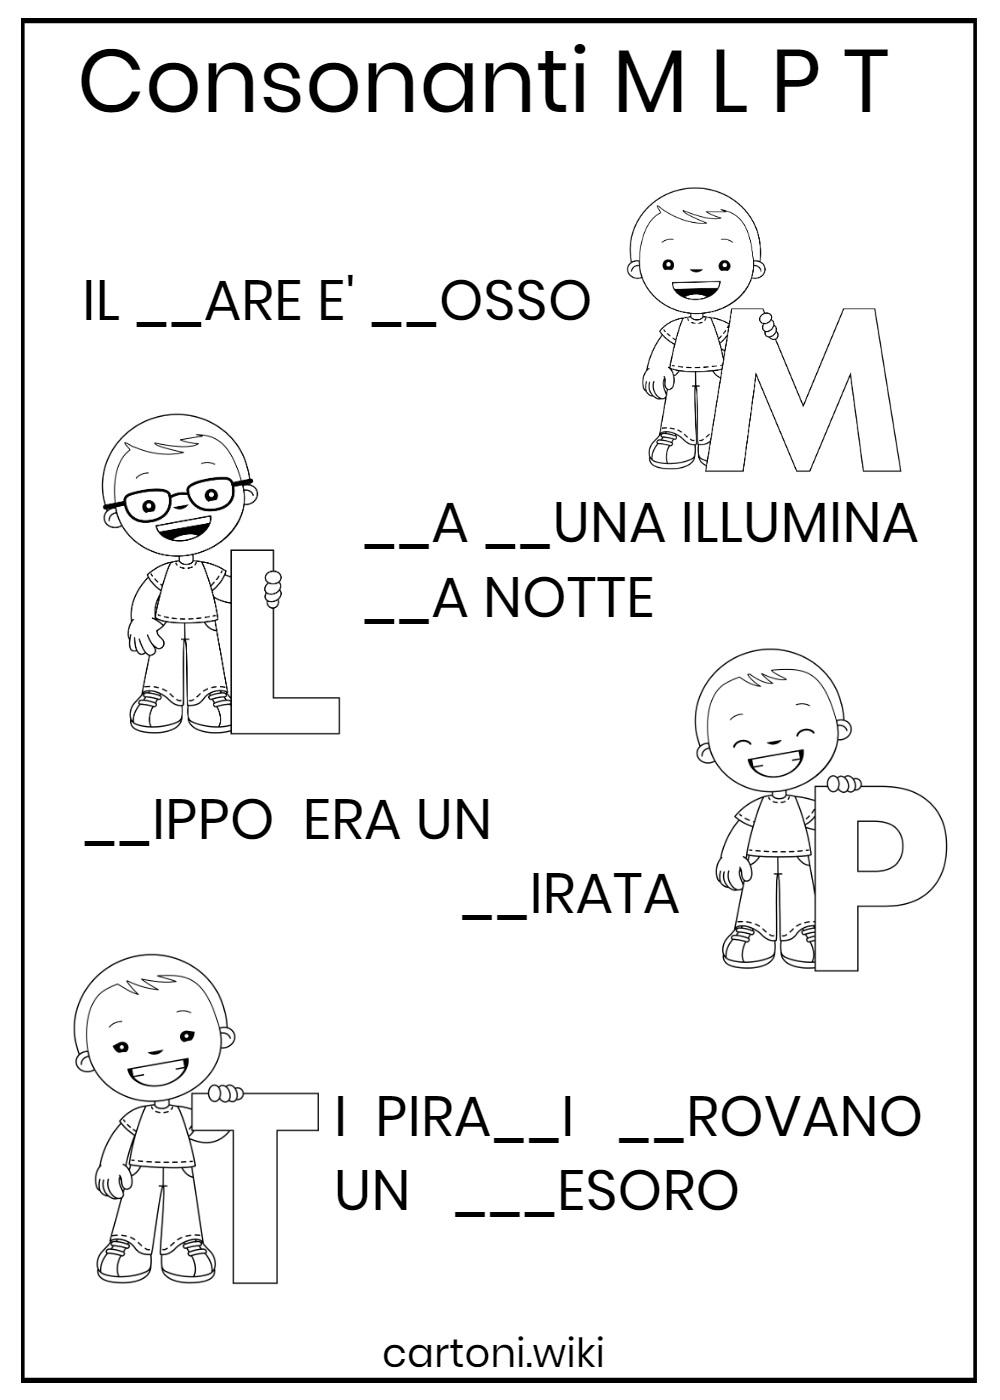 Consonanti M L P T - Consonanti